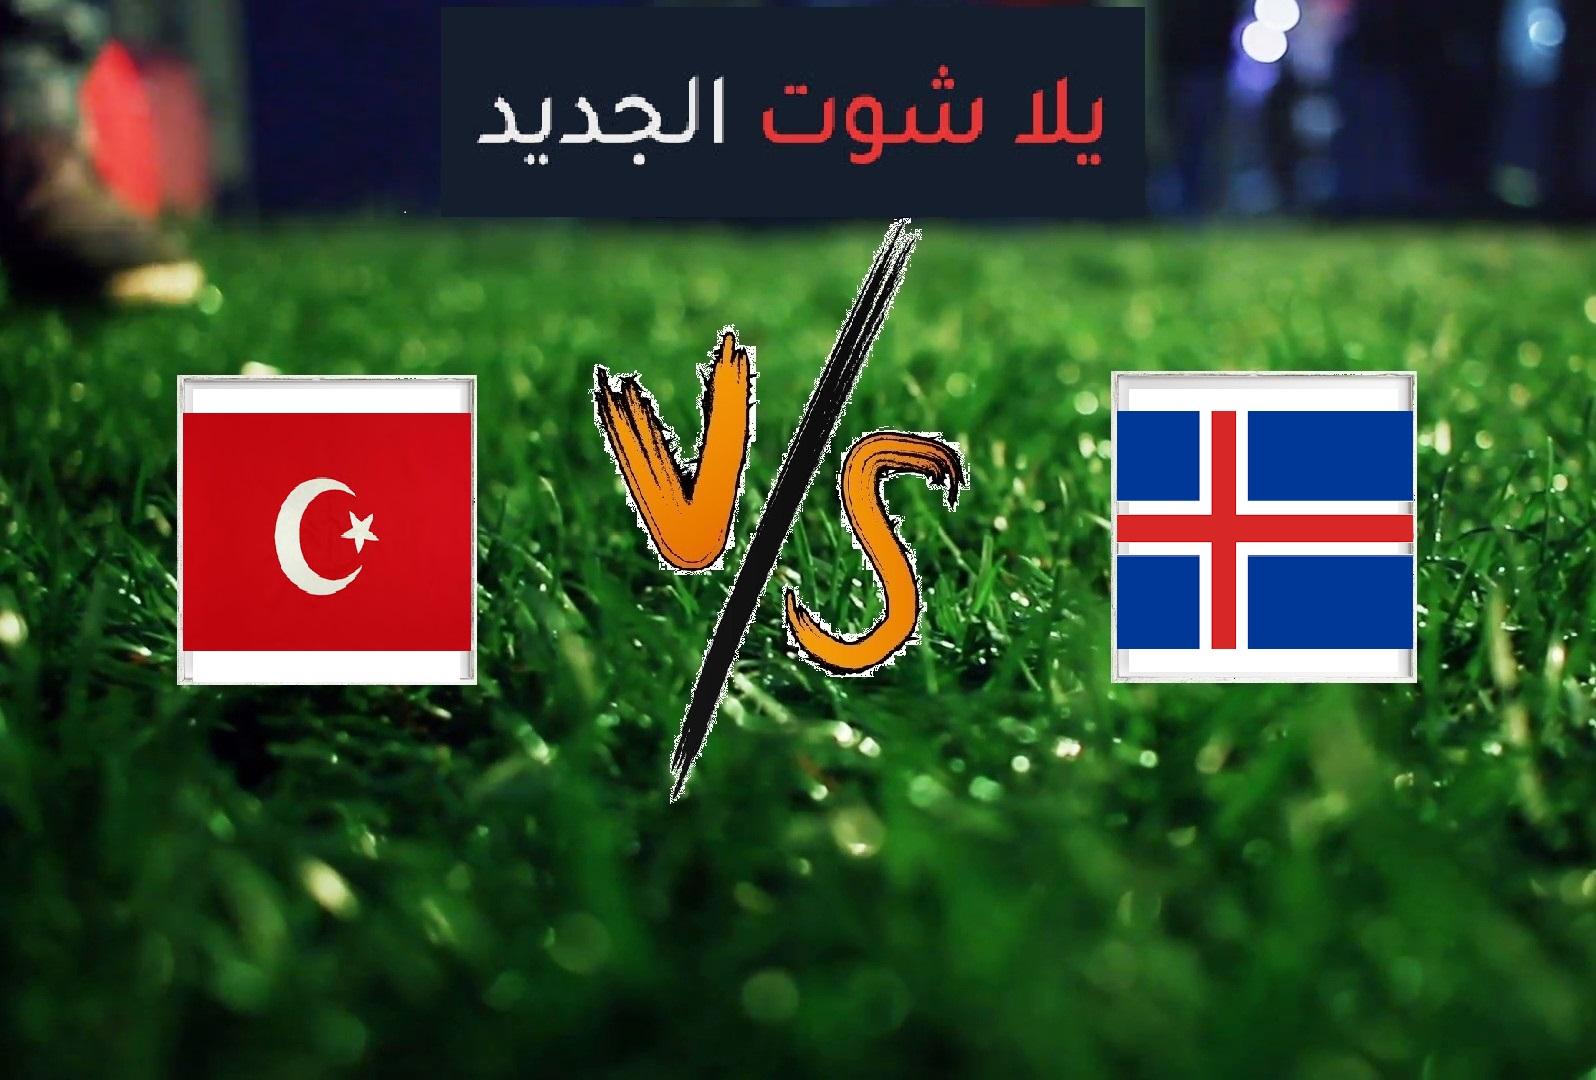 نتيجة مباراة تركيا وايسلندا بتاريخ 11-06-2019 التصفيات المؤهلة ليورو 2020